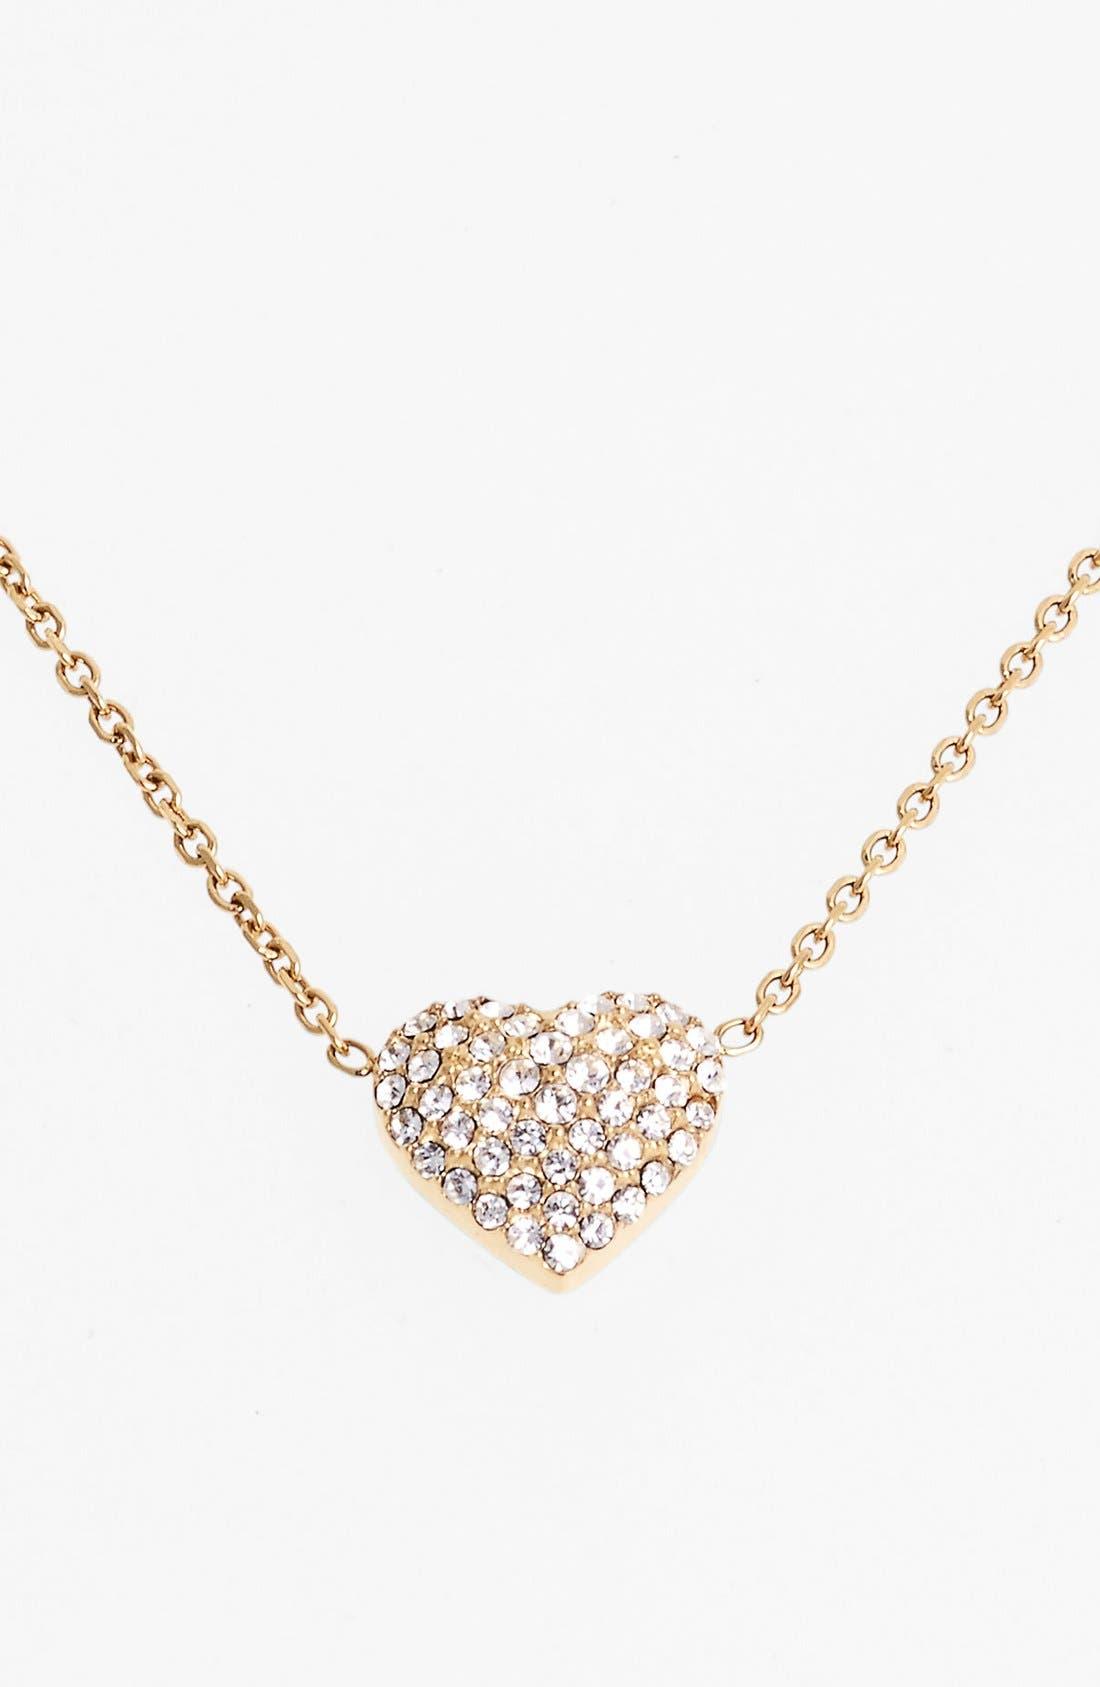 Main Image - Michael Kors 'Brilliance' Pavé Heart Necklace